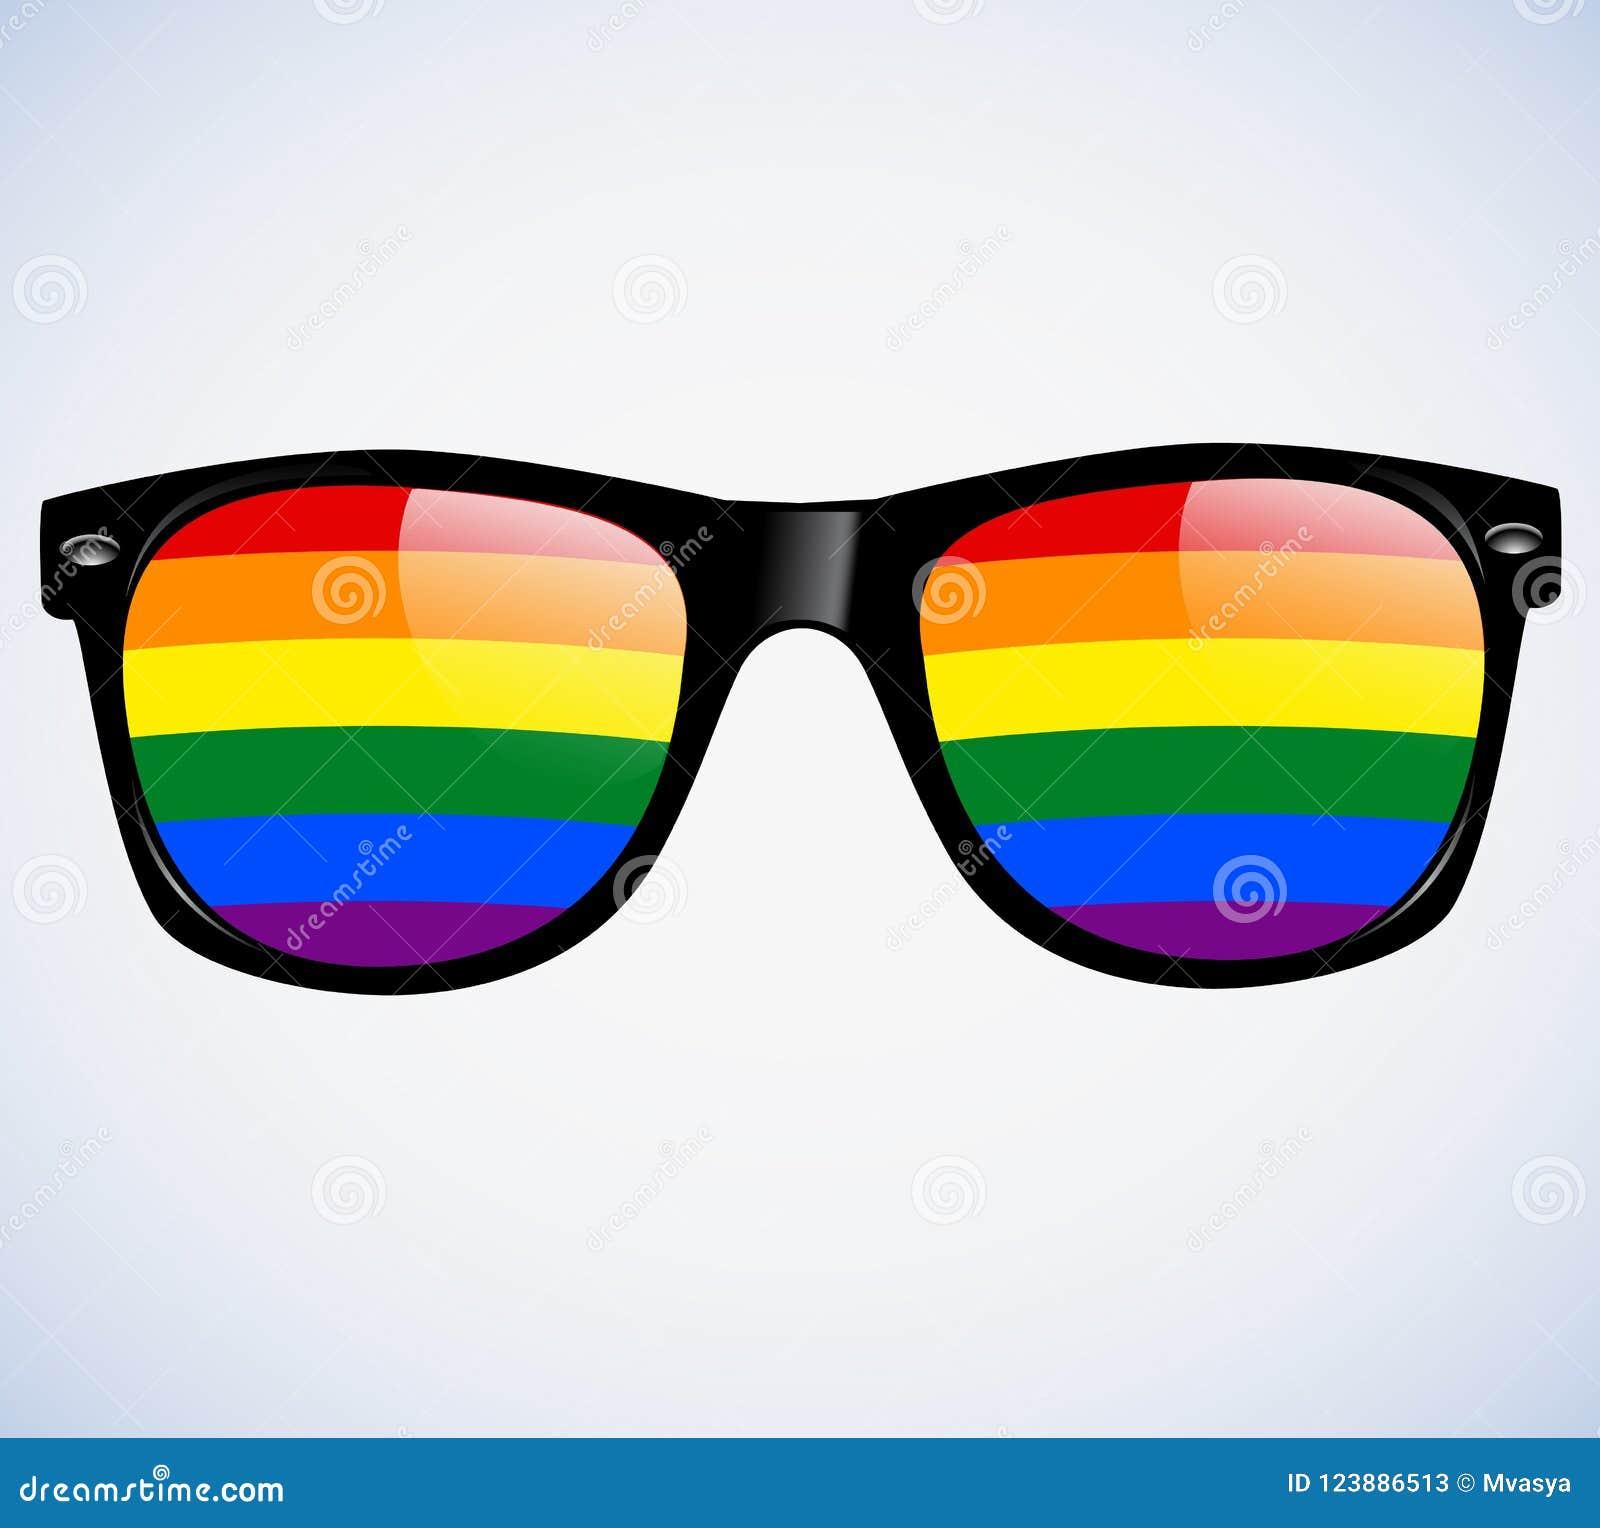 96e52644448c9 Fond abstrait d illustration de vecteur de lentilles d arc-en-ciel de  lunettes